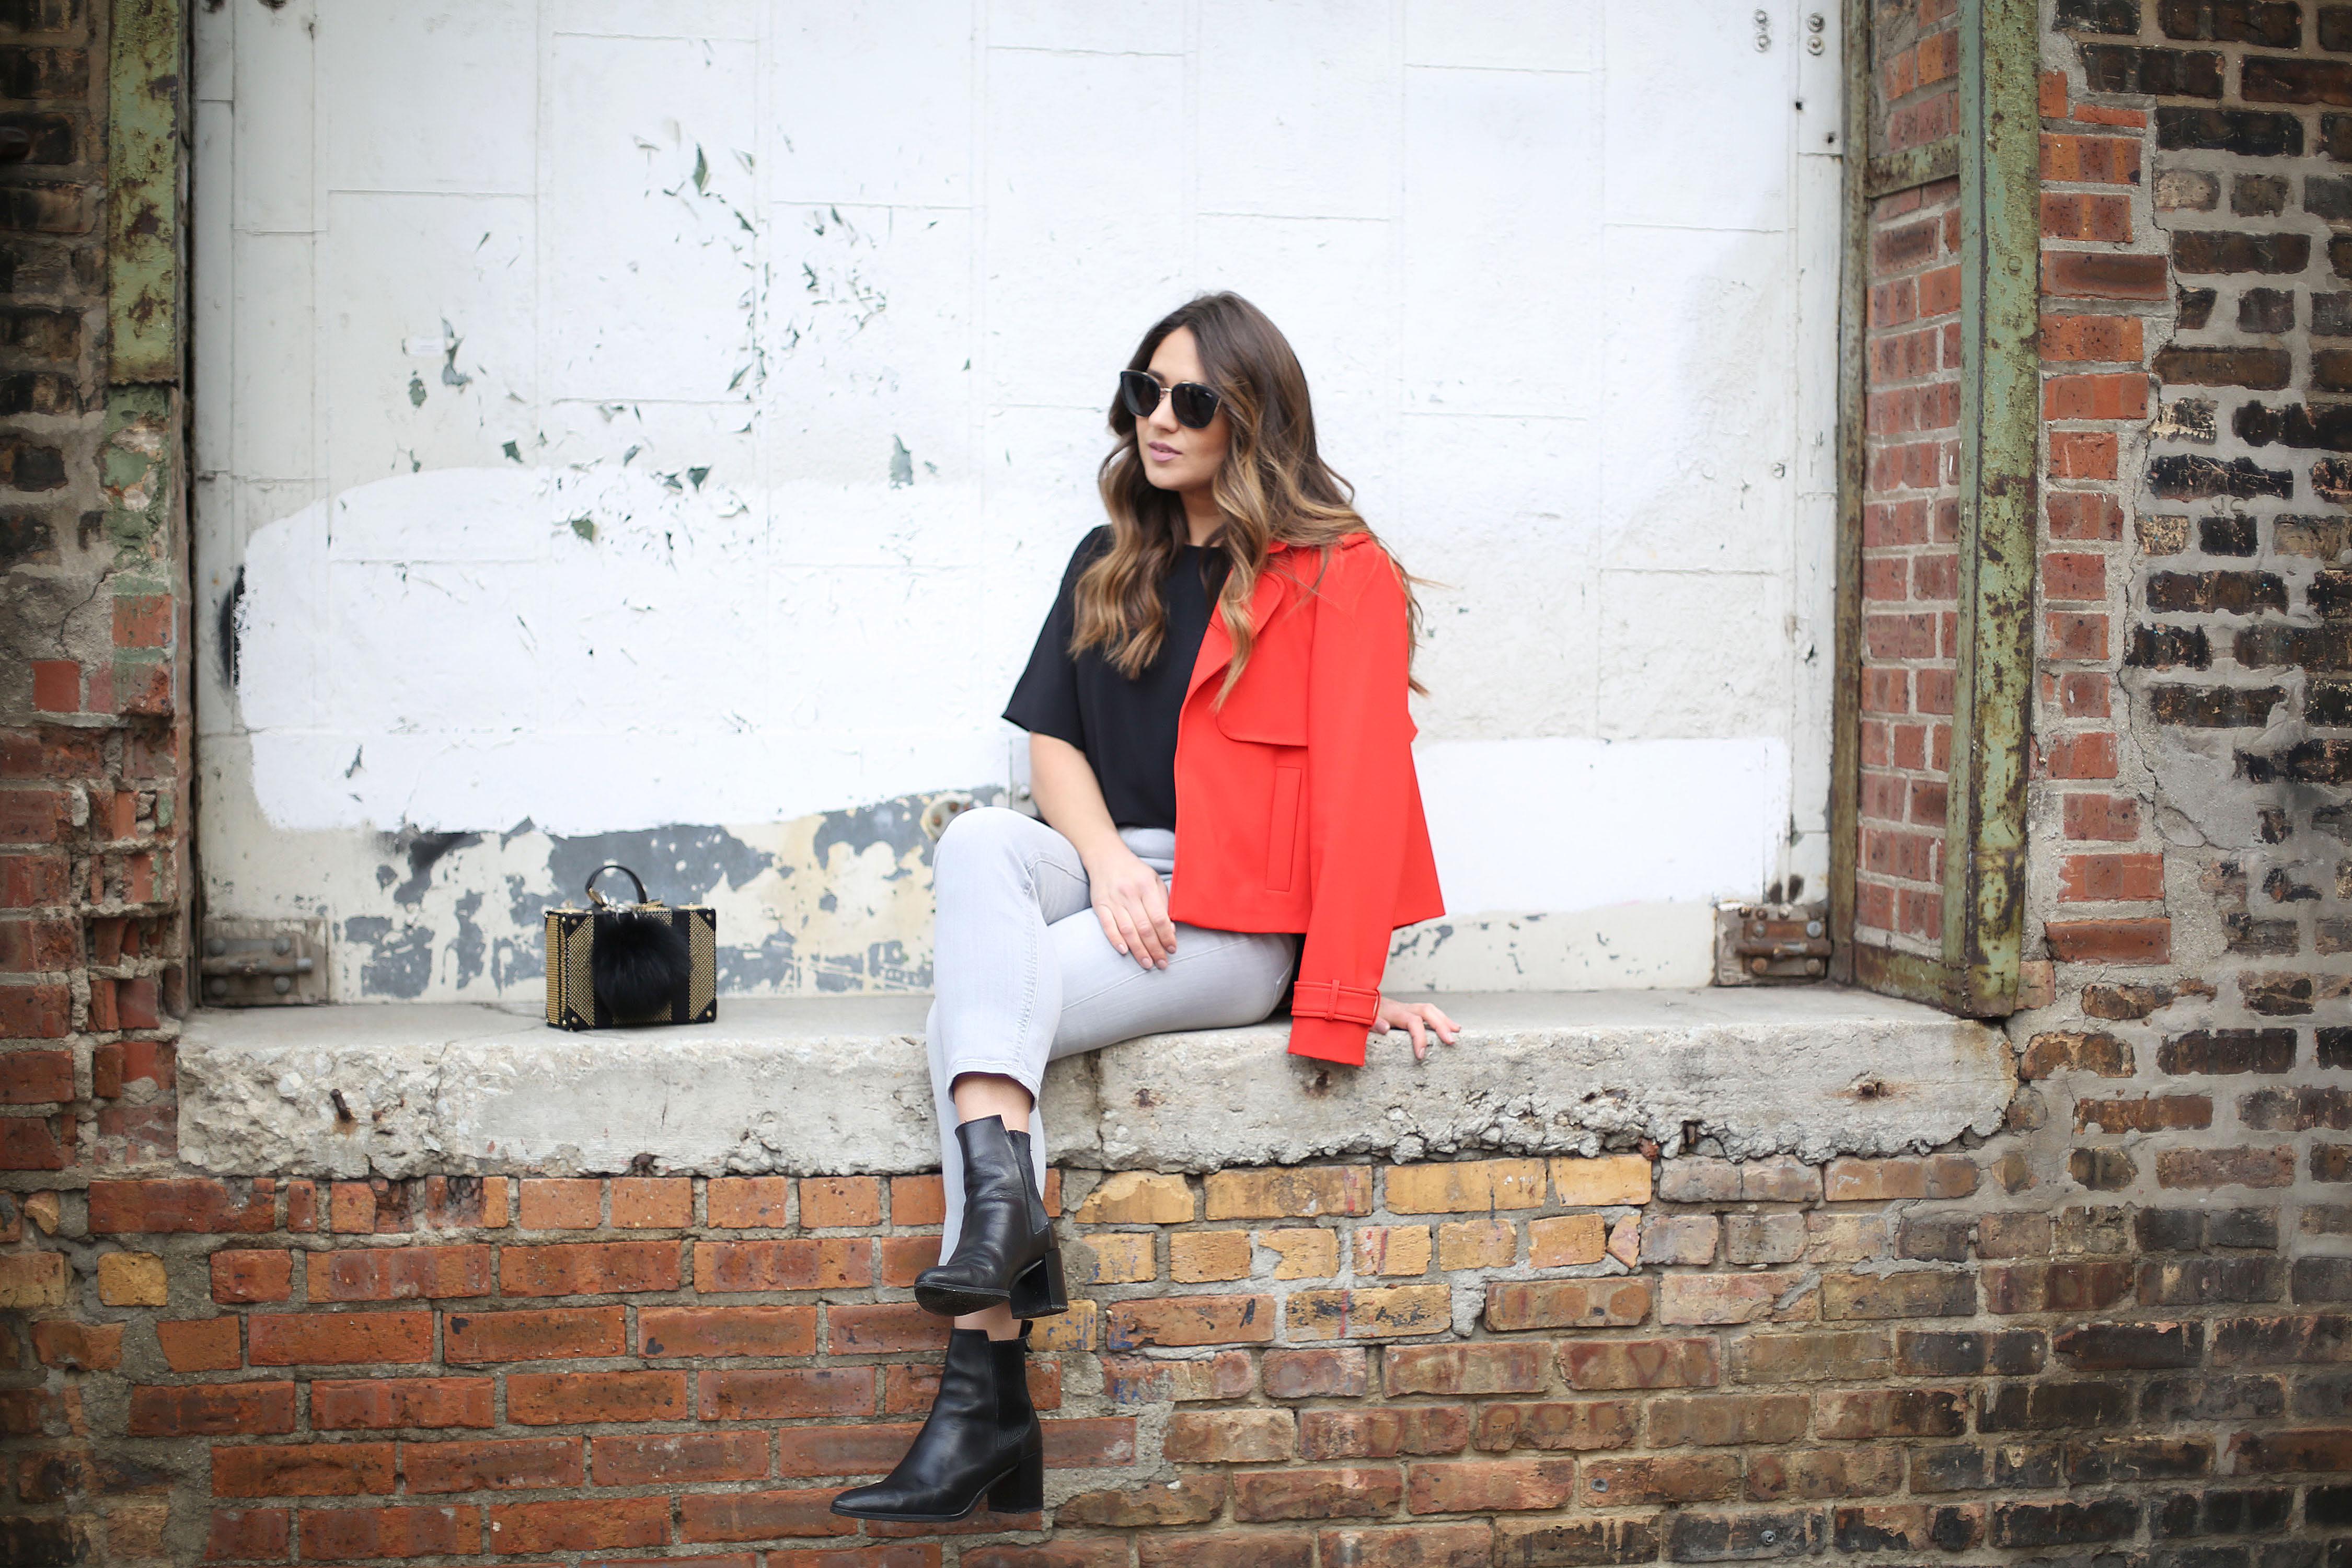 sitting-on-a-ledge